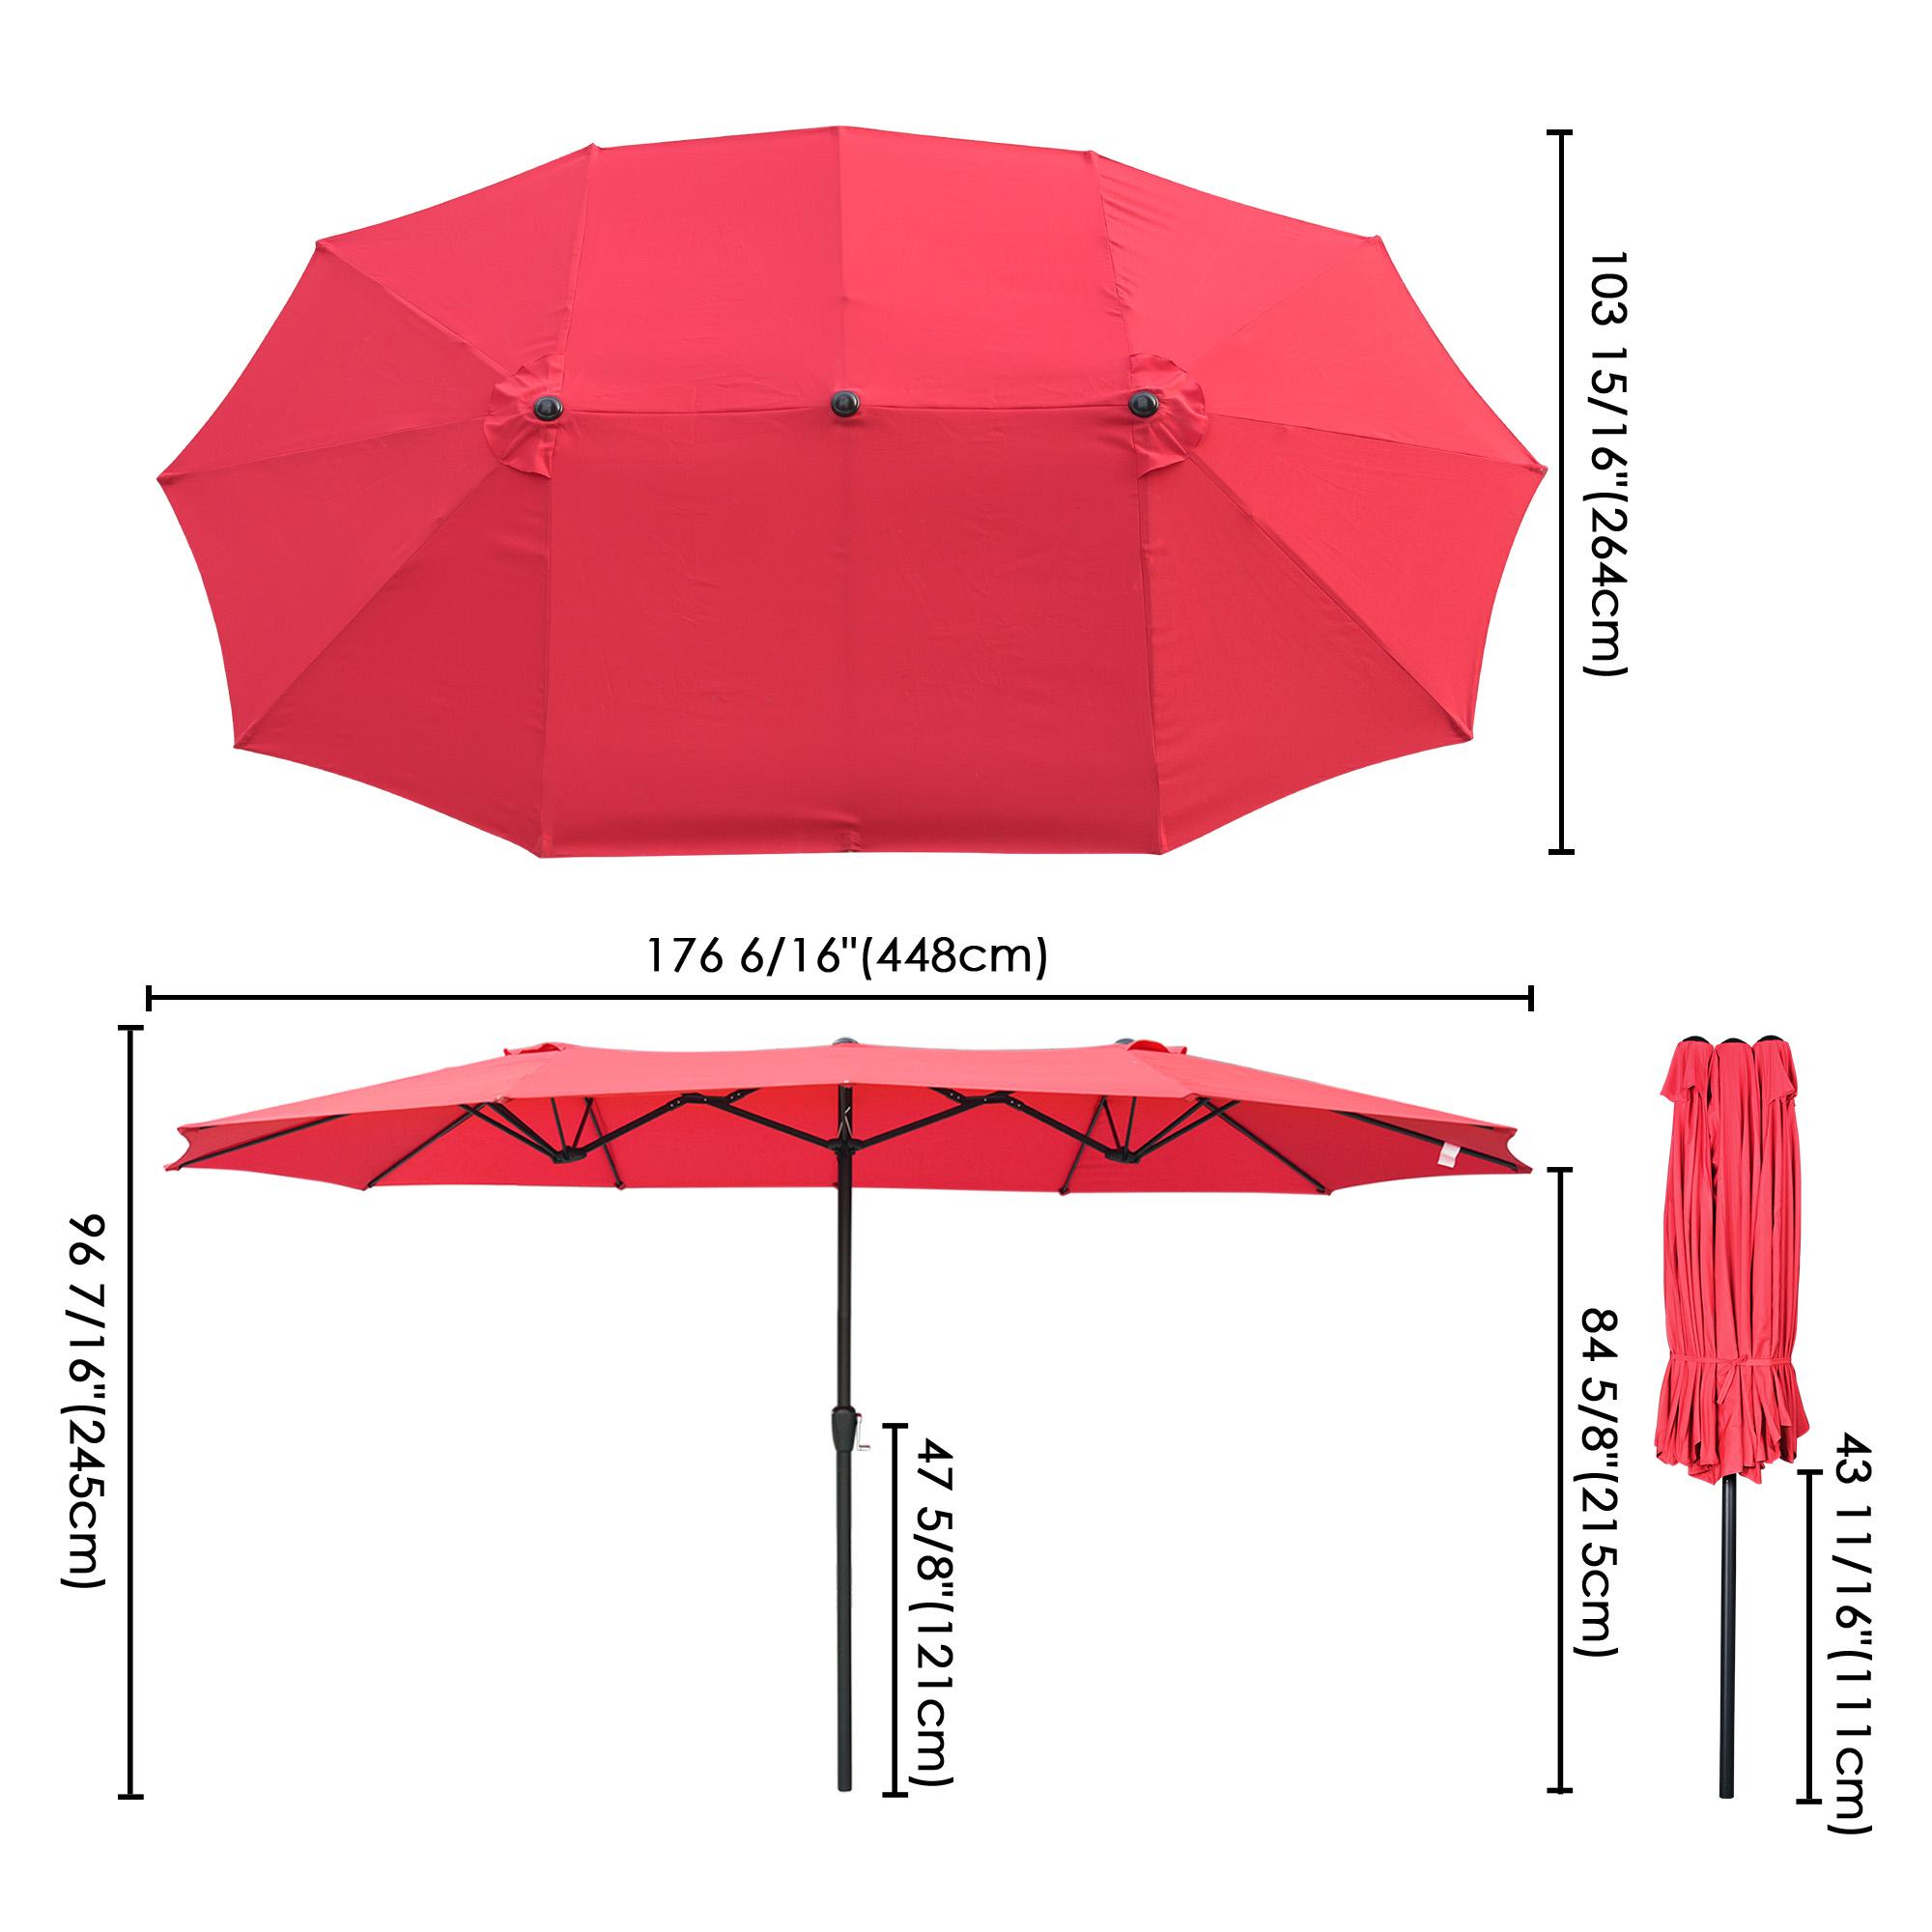 thumbnail 42 - 15ft Patio Twin Umbrella Double-sided Market Crank Outdoor Garden Parasol Shade